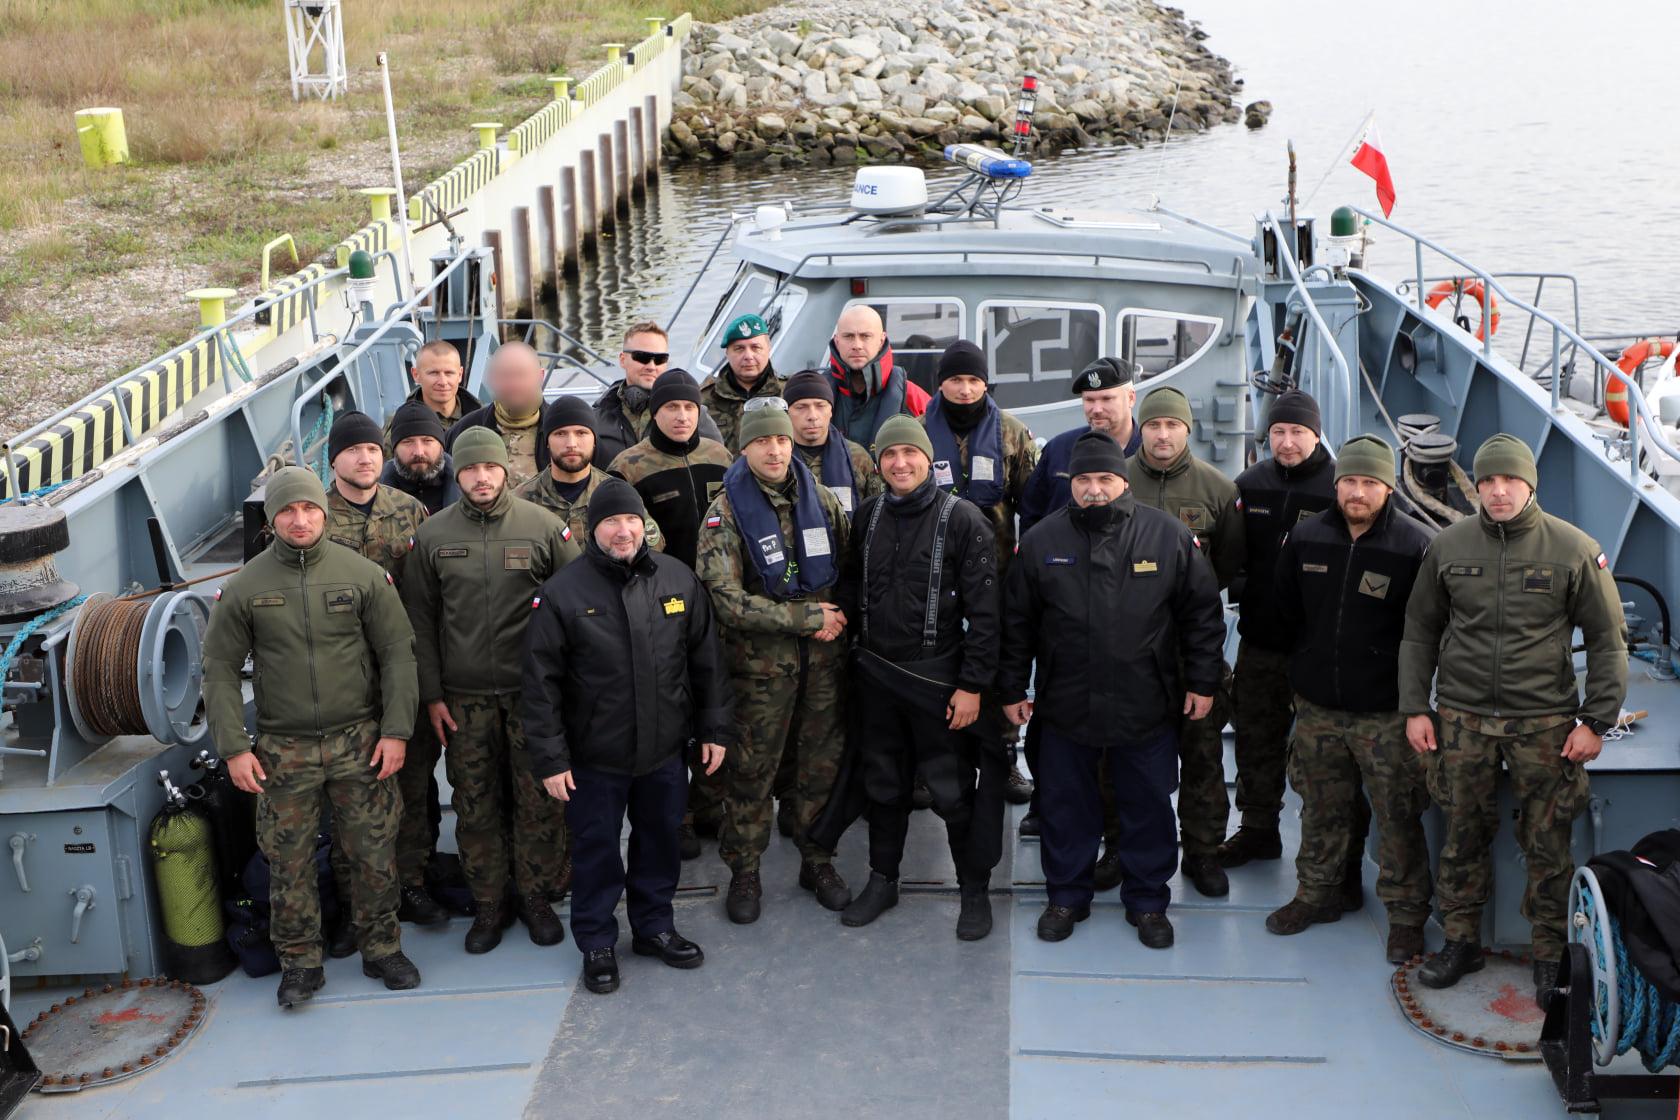 Świnoujście - To oni !!! - najwięksi specjaliści od podwodnych zadań z 8. Flotylii Obrony Wybrzeża.